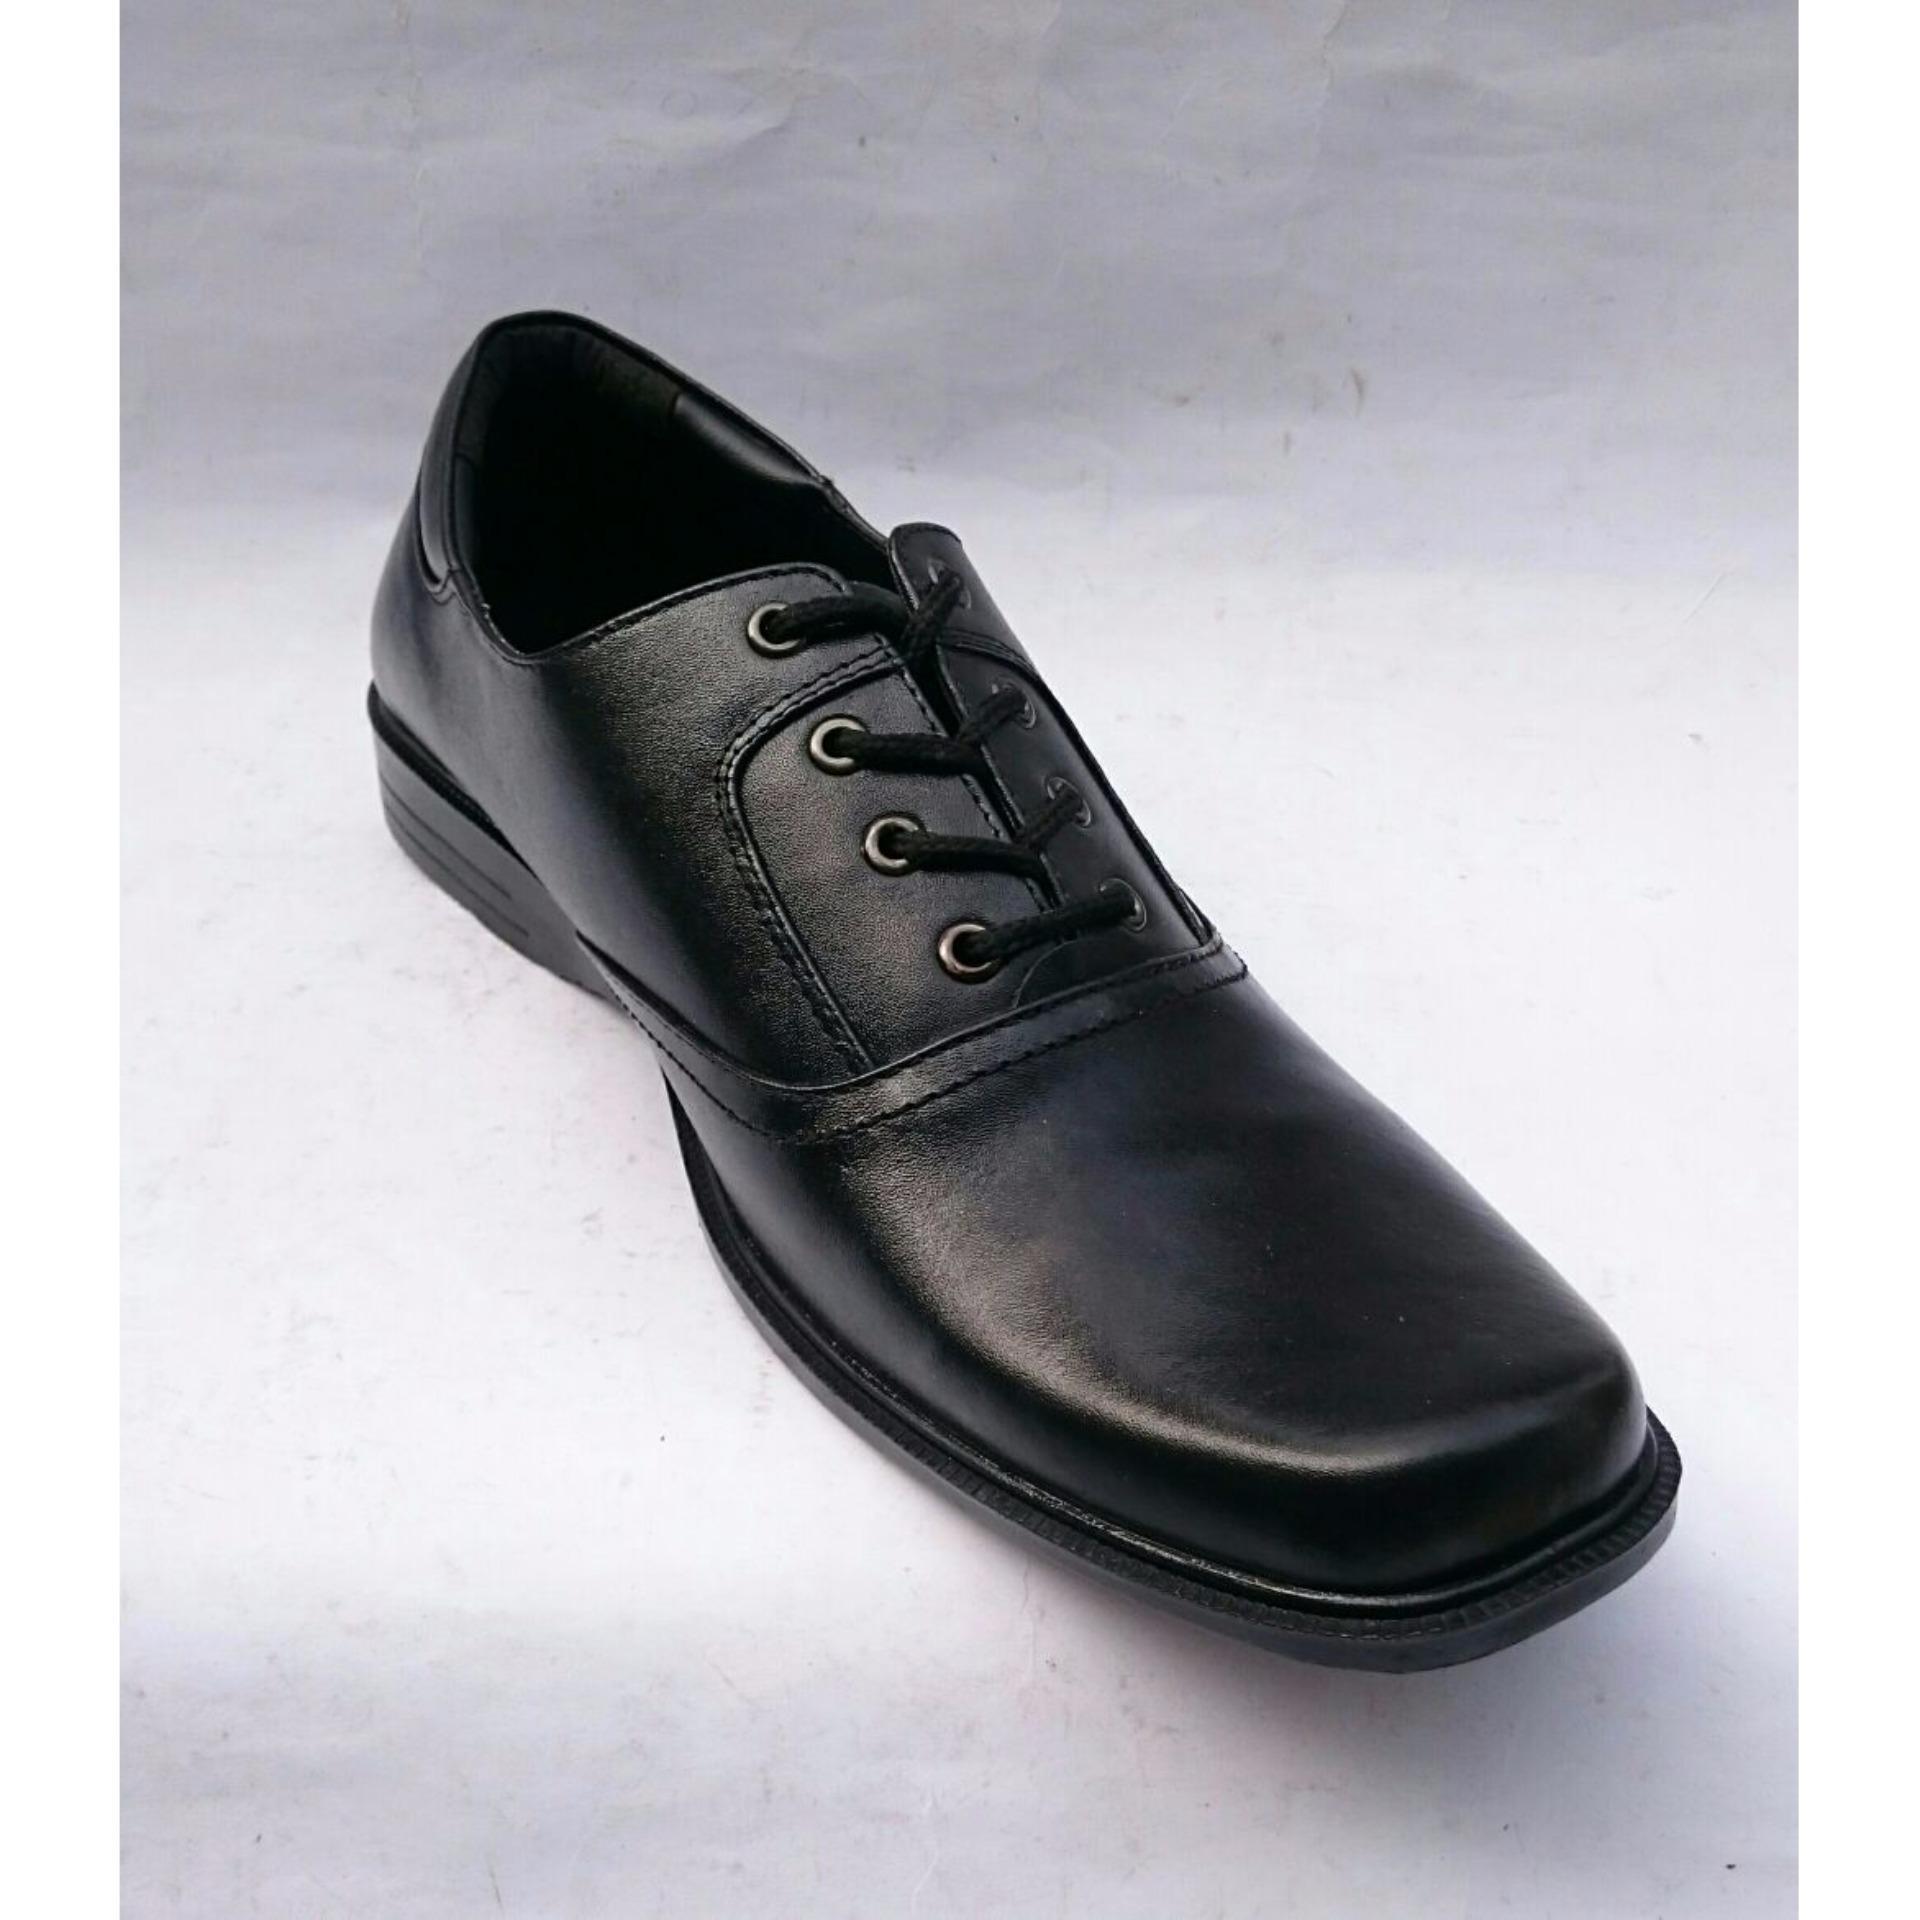 Jual Sepatu Pantofel Pria Kulit Asli K 22 Rasheda Online